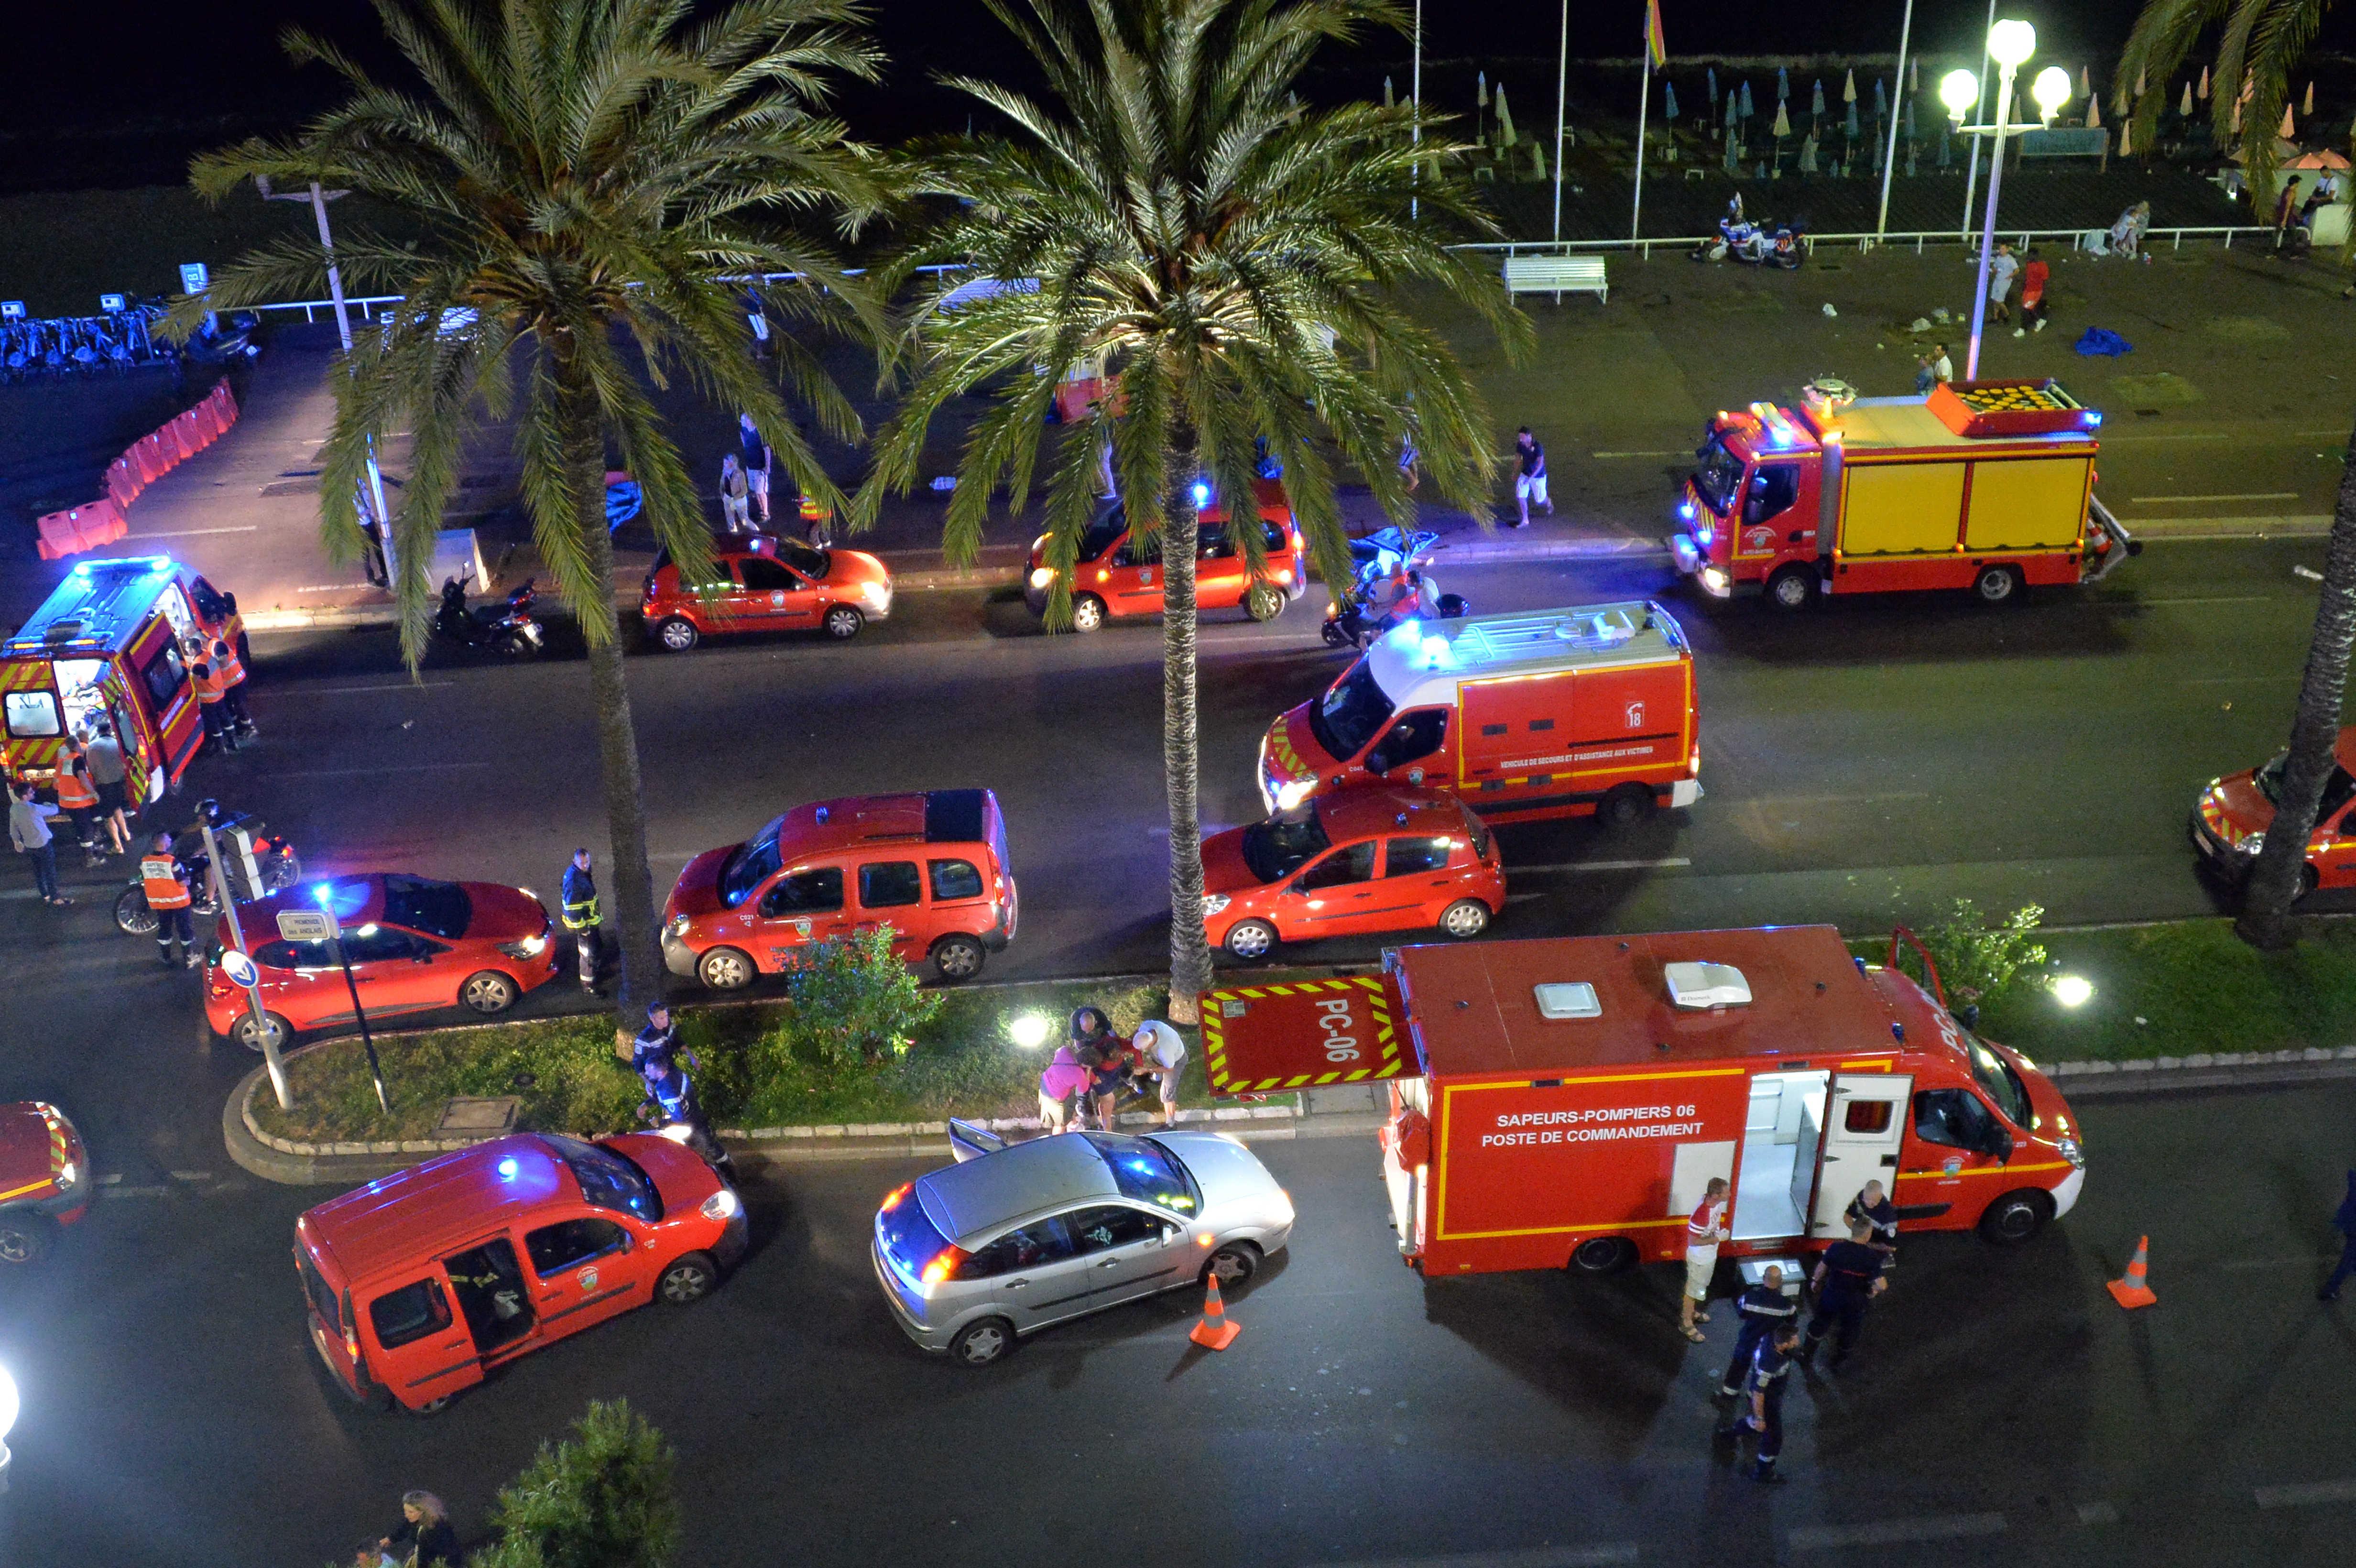 Attentato a Nizza, camion investe la folla: almeno 84 morti